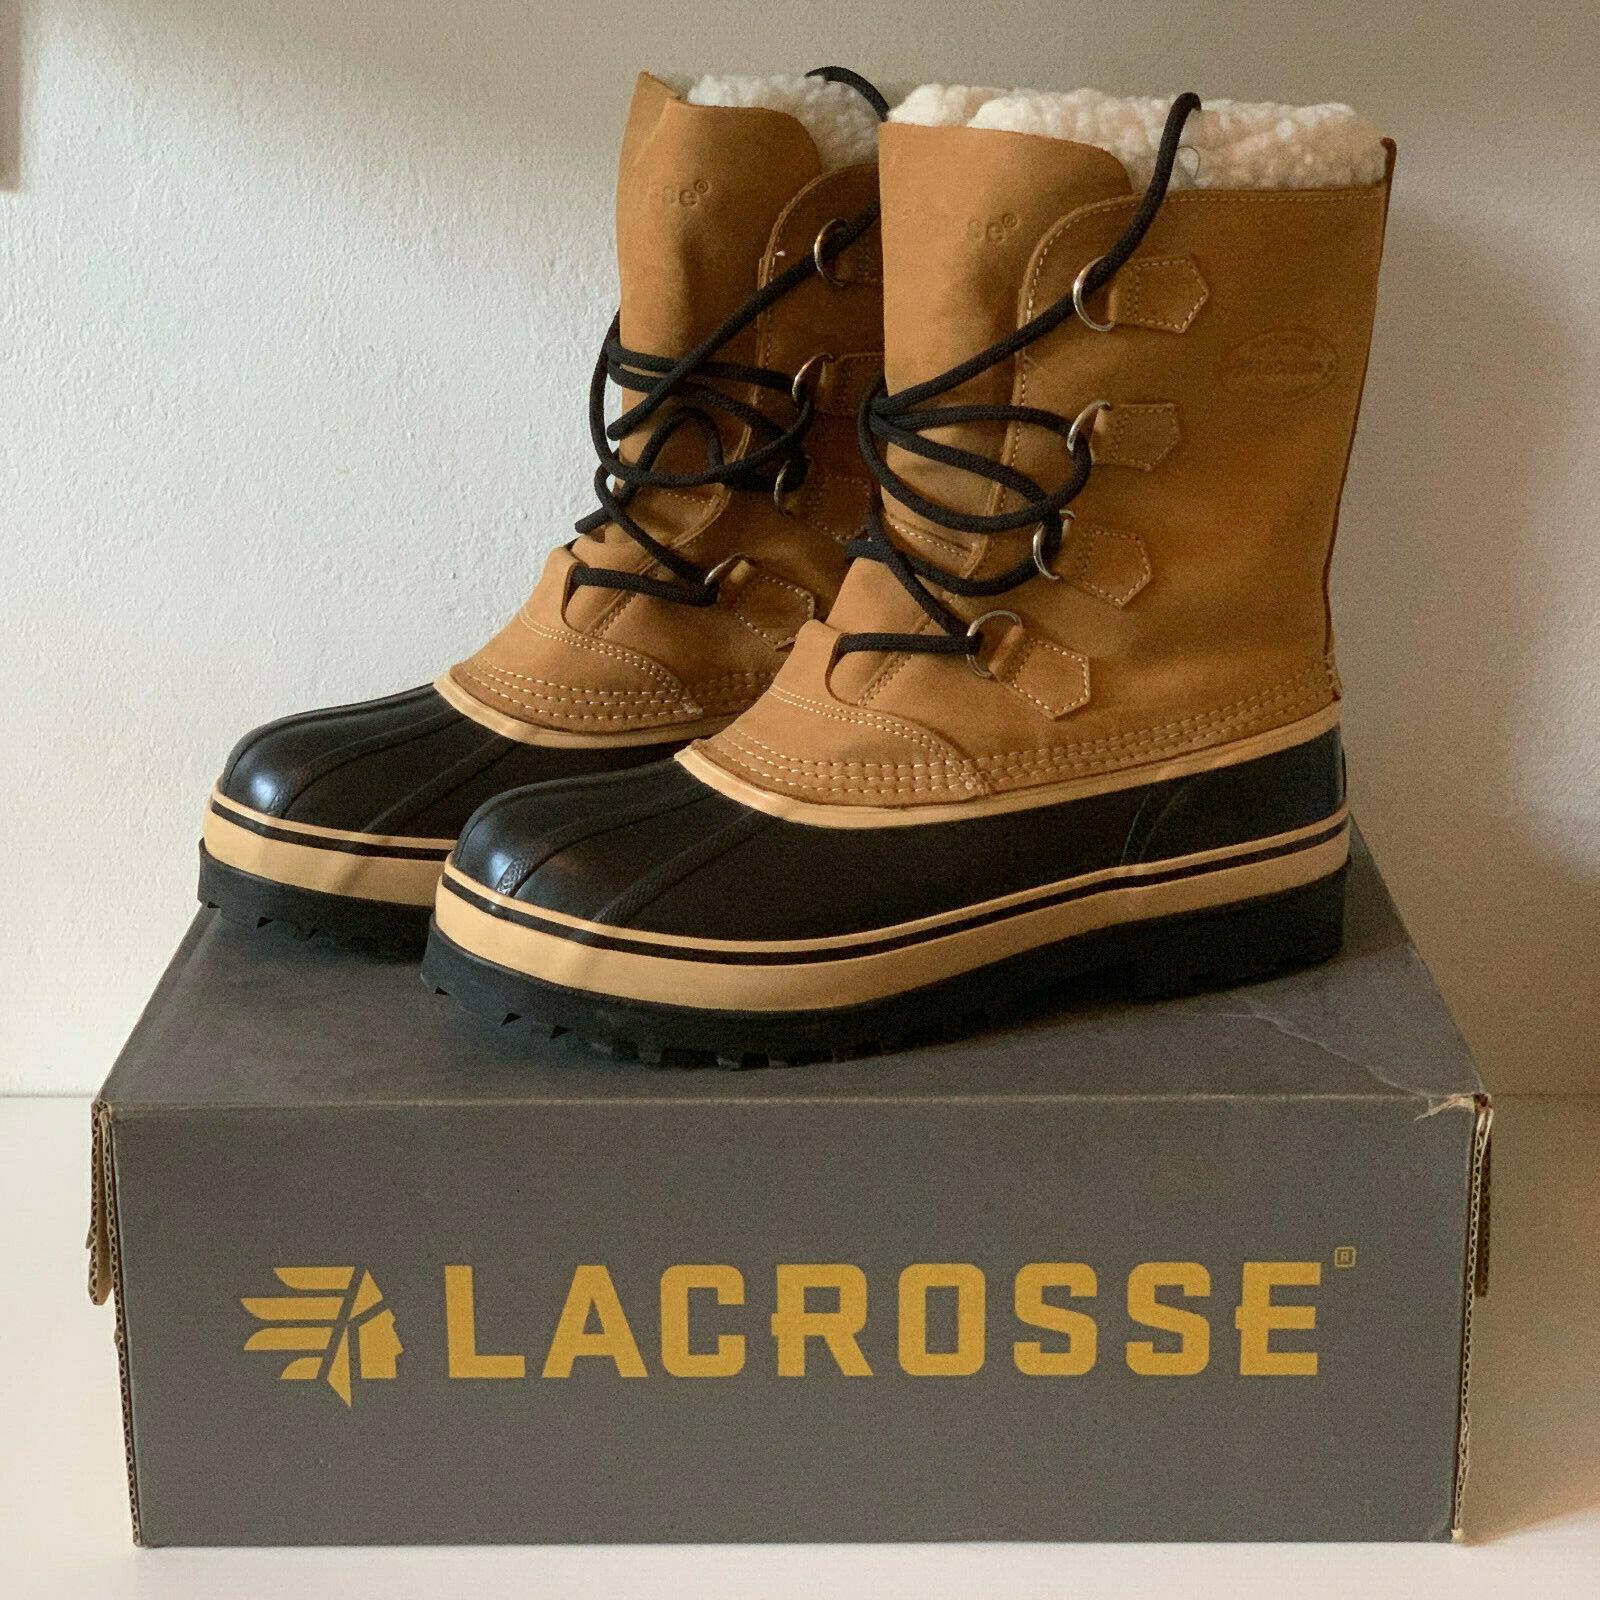 LaCrosse Ridgetop Gr. 46 Stiefel Winterstiefel Winterschuhe fast wie neu